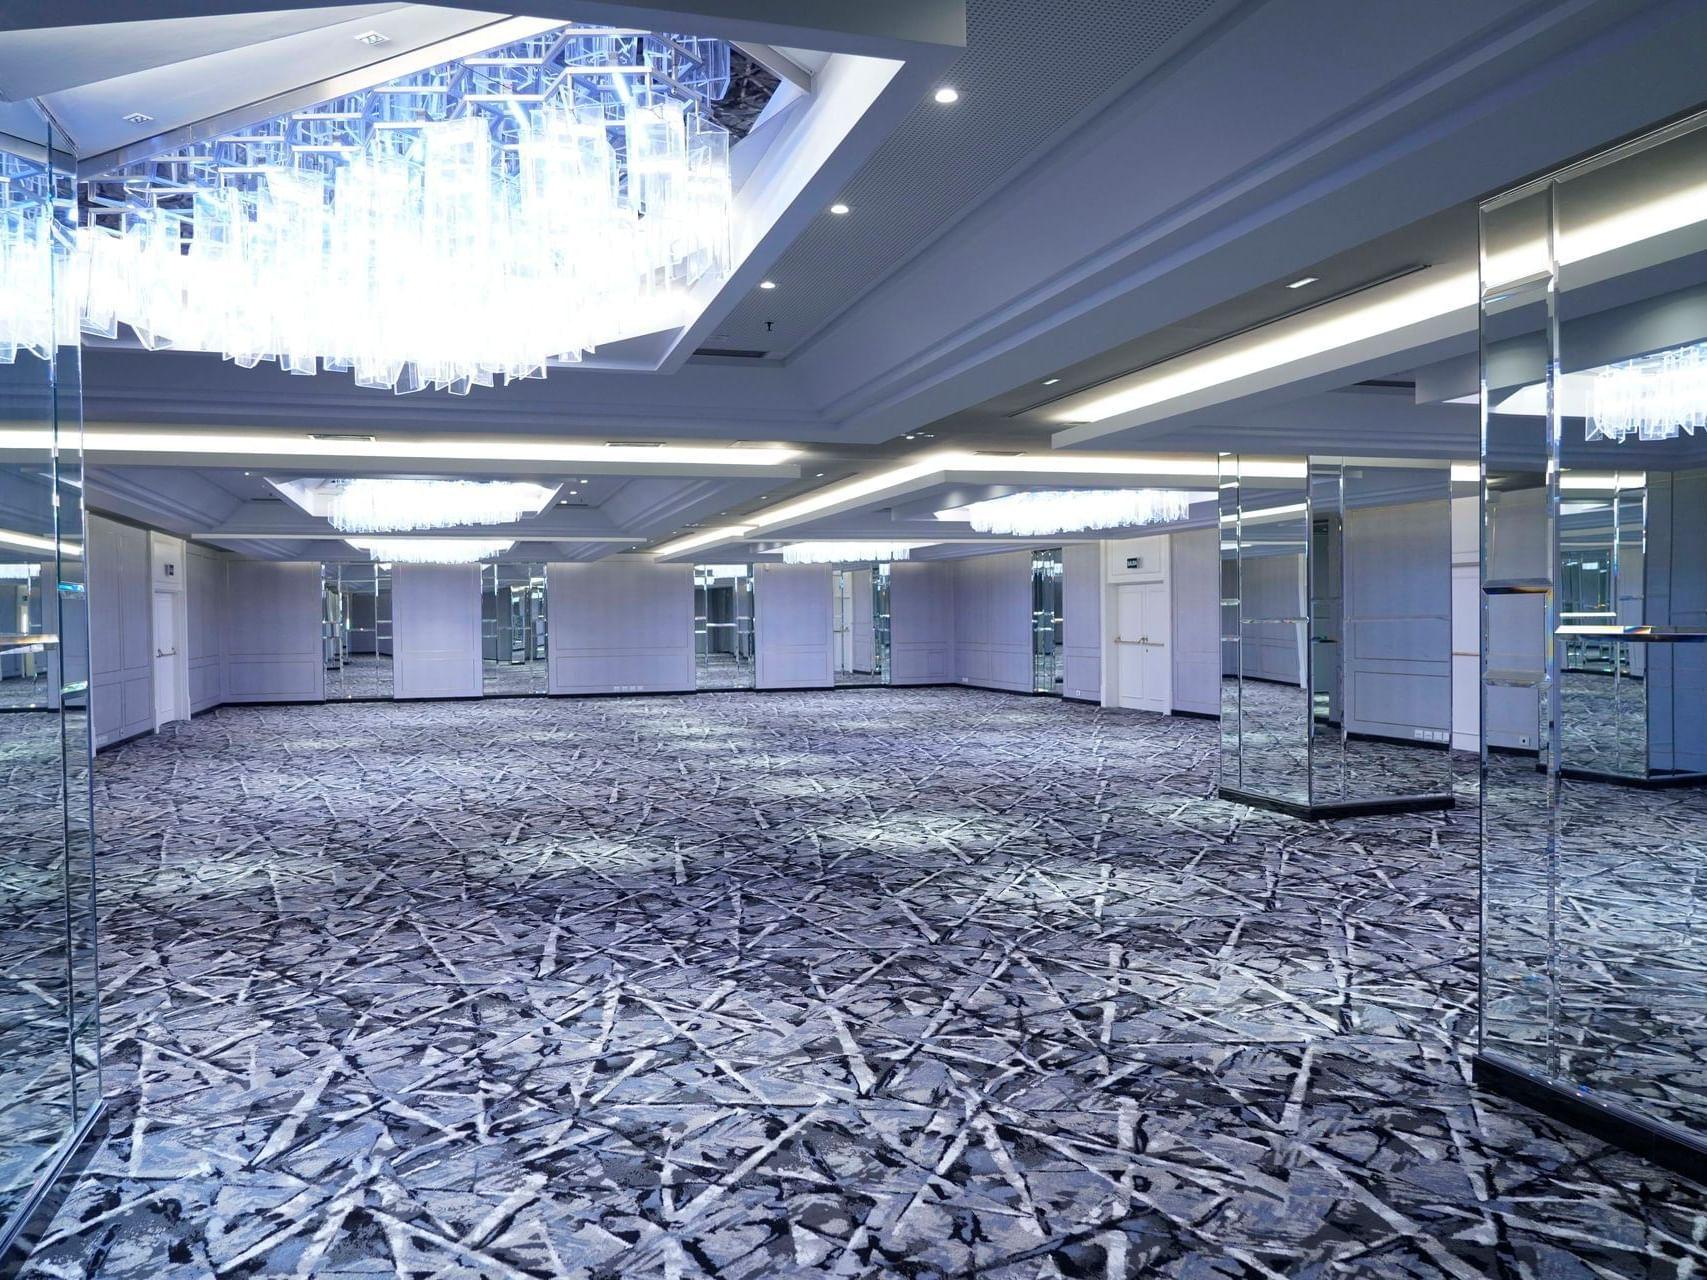 Del Prado event hall with a blue carpeted floor at Hotel Emperador Buenos Aires